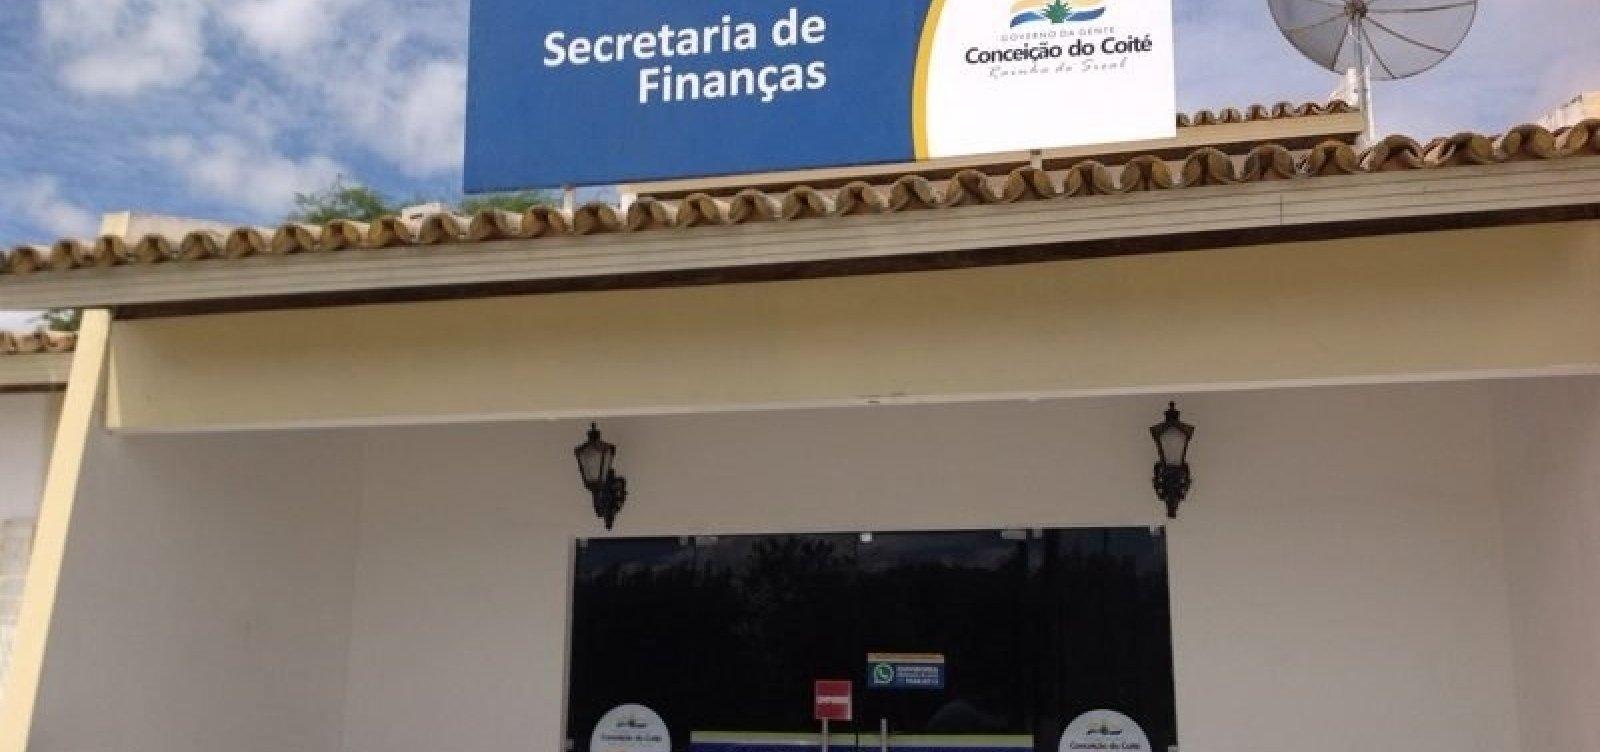 [Após denúncias, MP recomenda que prefeitura de Coité anule prova do Conselho Tutelar]